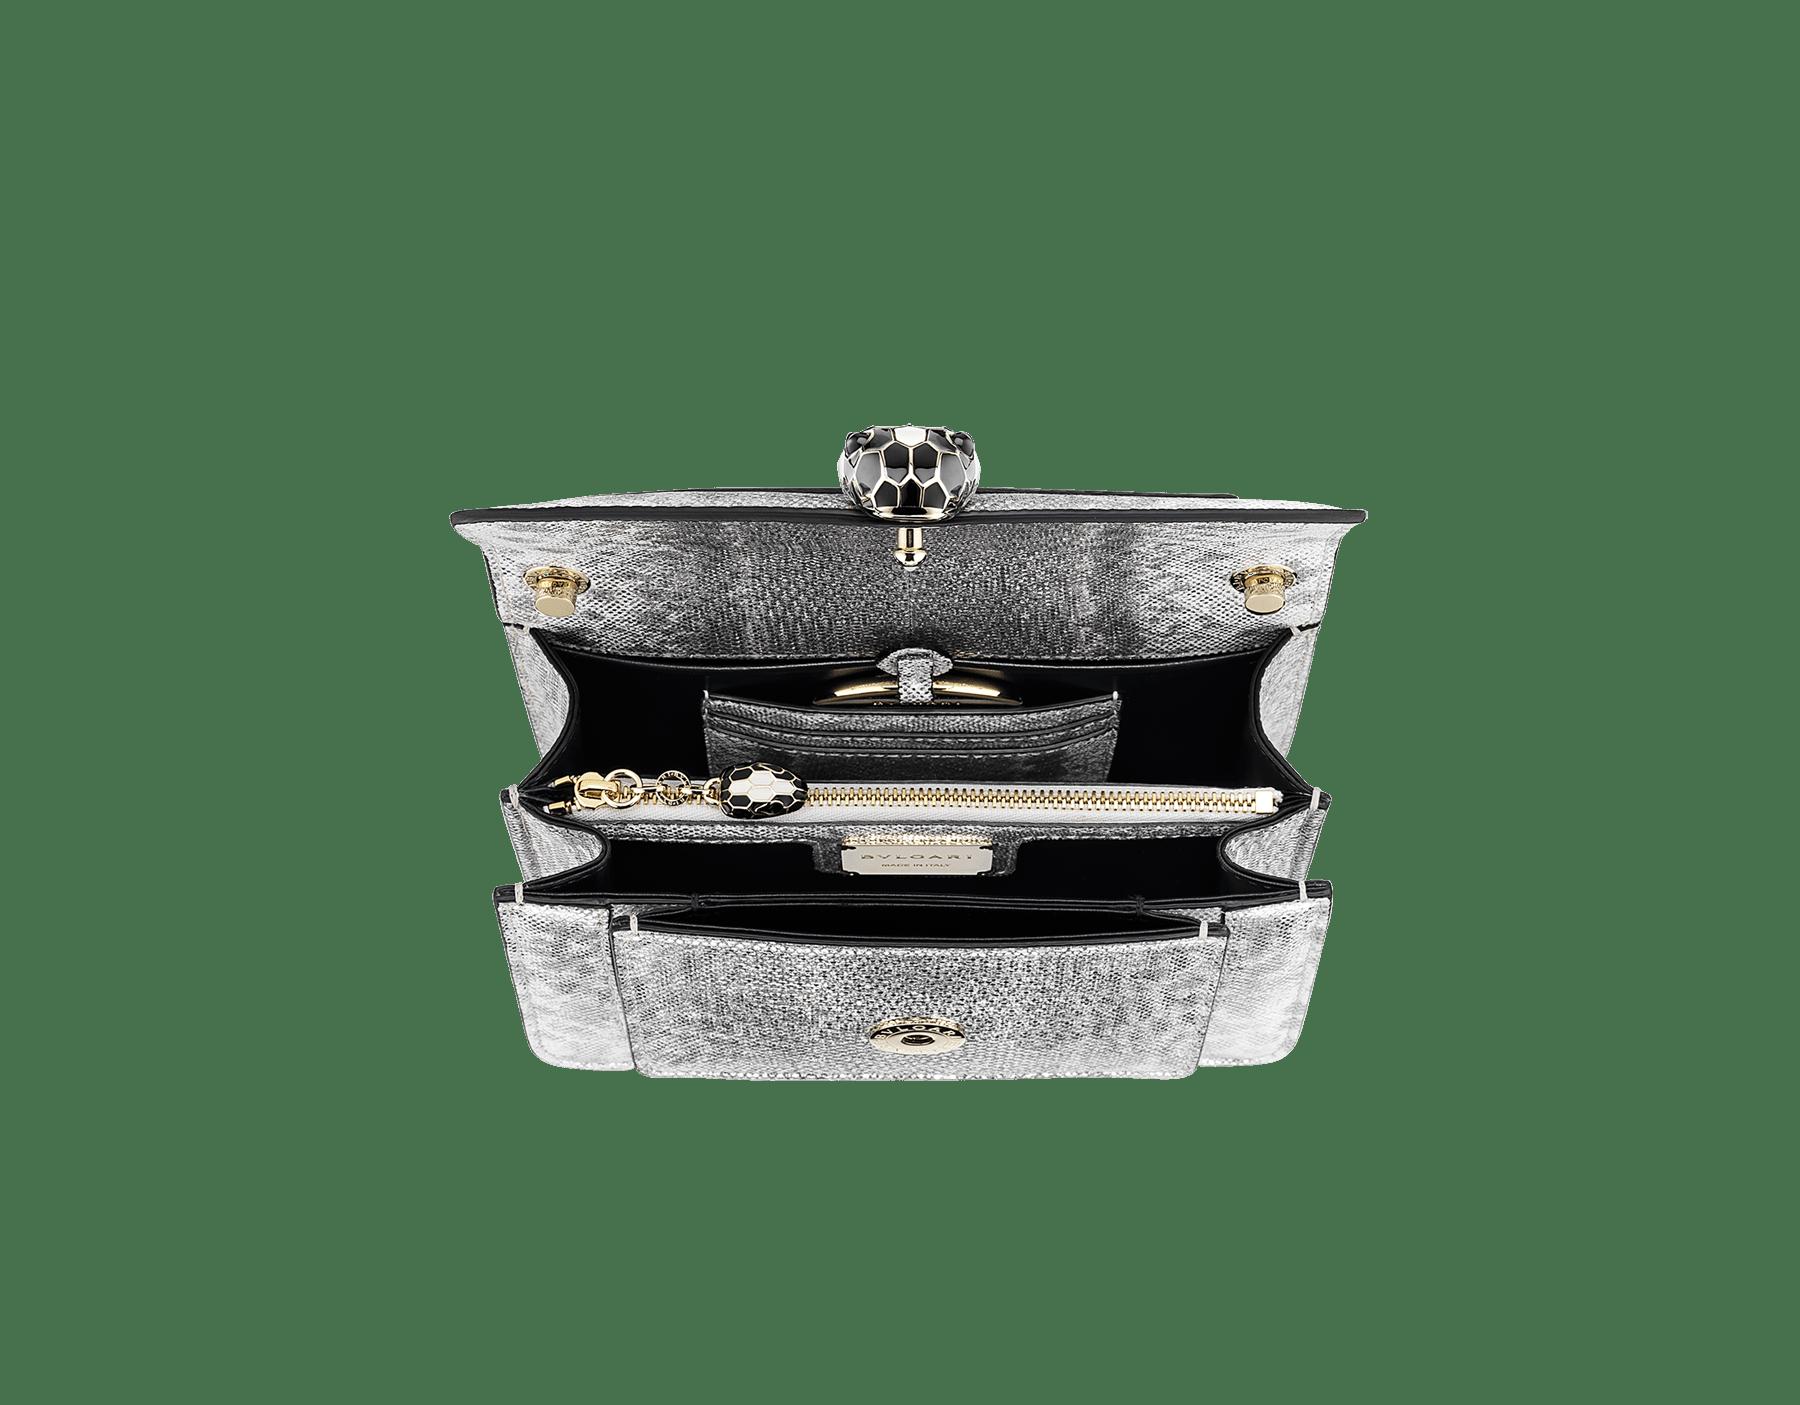 Sac à bandoulière Serpenti Forever en karung métallisé couleur Charcoal Diamond. Fermoir emblématique Serpenti en laiton doré et émail noir et couleur œil de faucon scintillant avec yeux en onyx. 1082-MK image 4